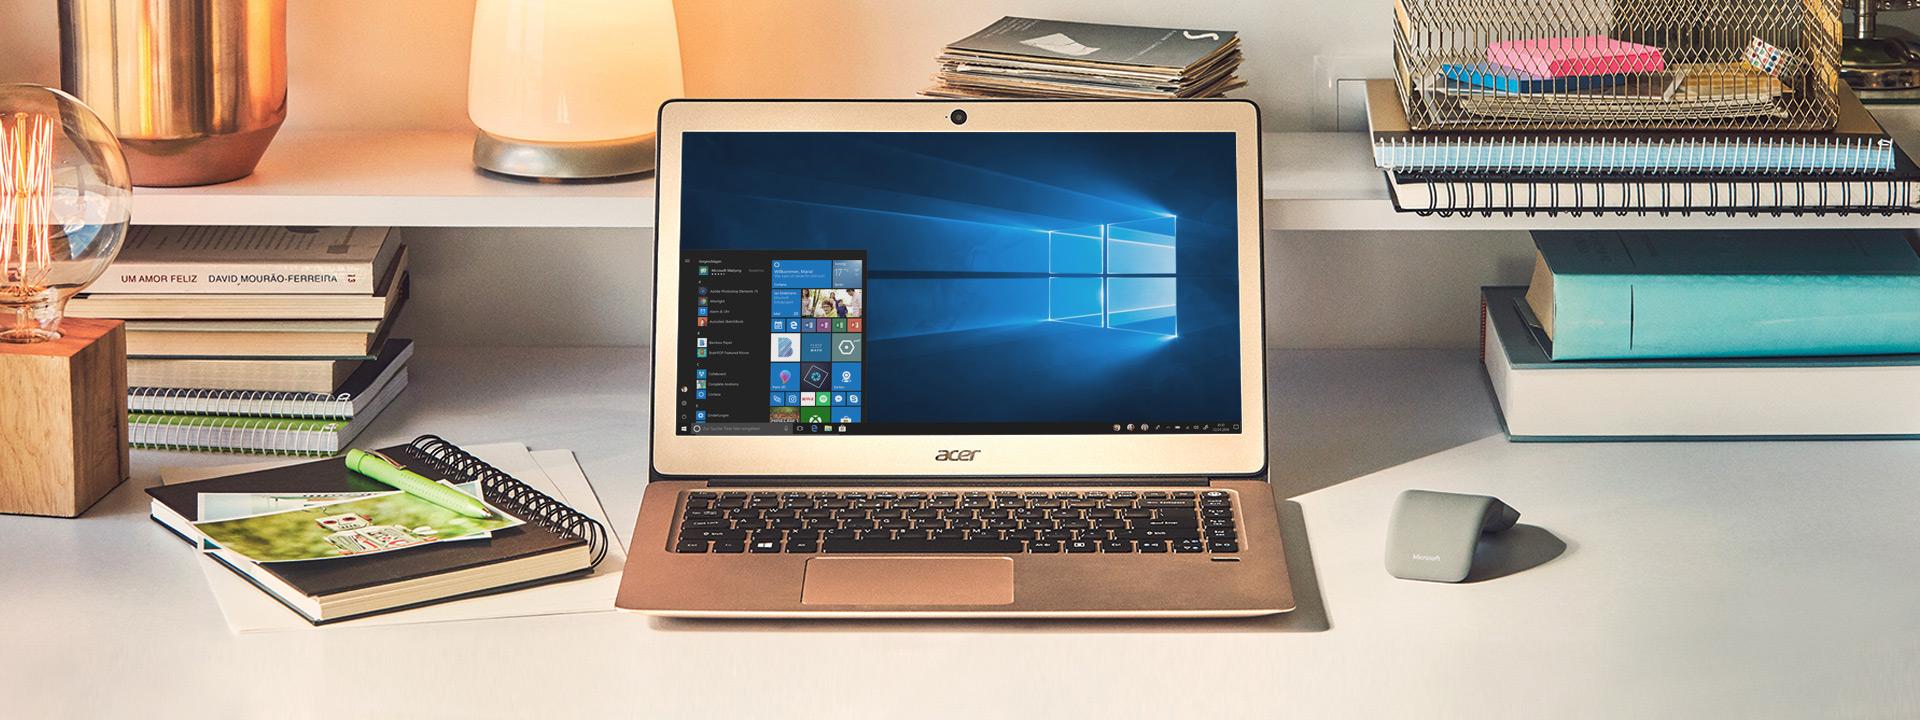 Ein Laptop von Acer und eine Maus befinden sich auf einem Schreibtisch, daneben liegen Bücher und Notizblöcke.